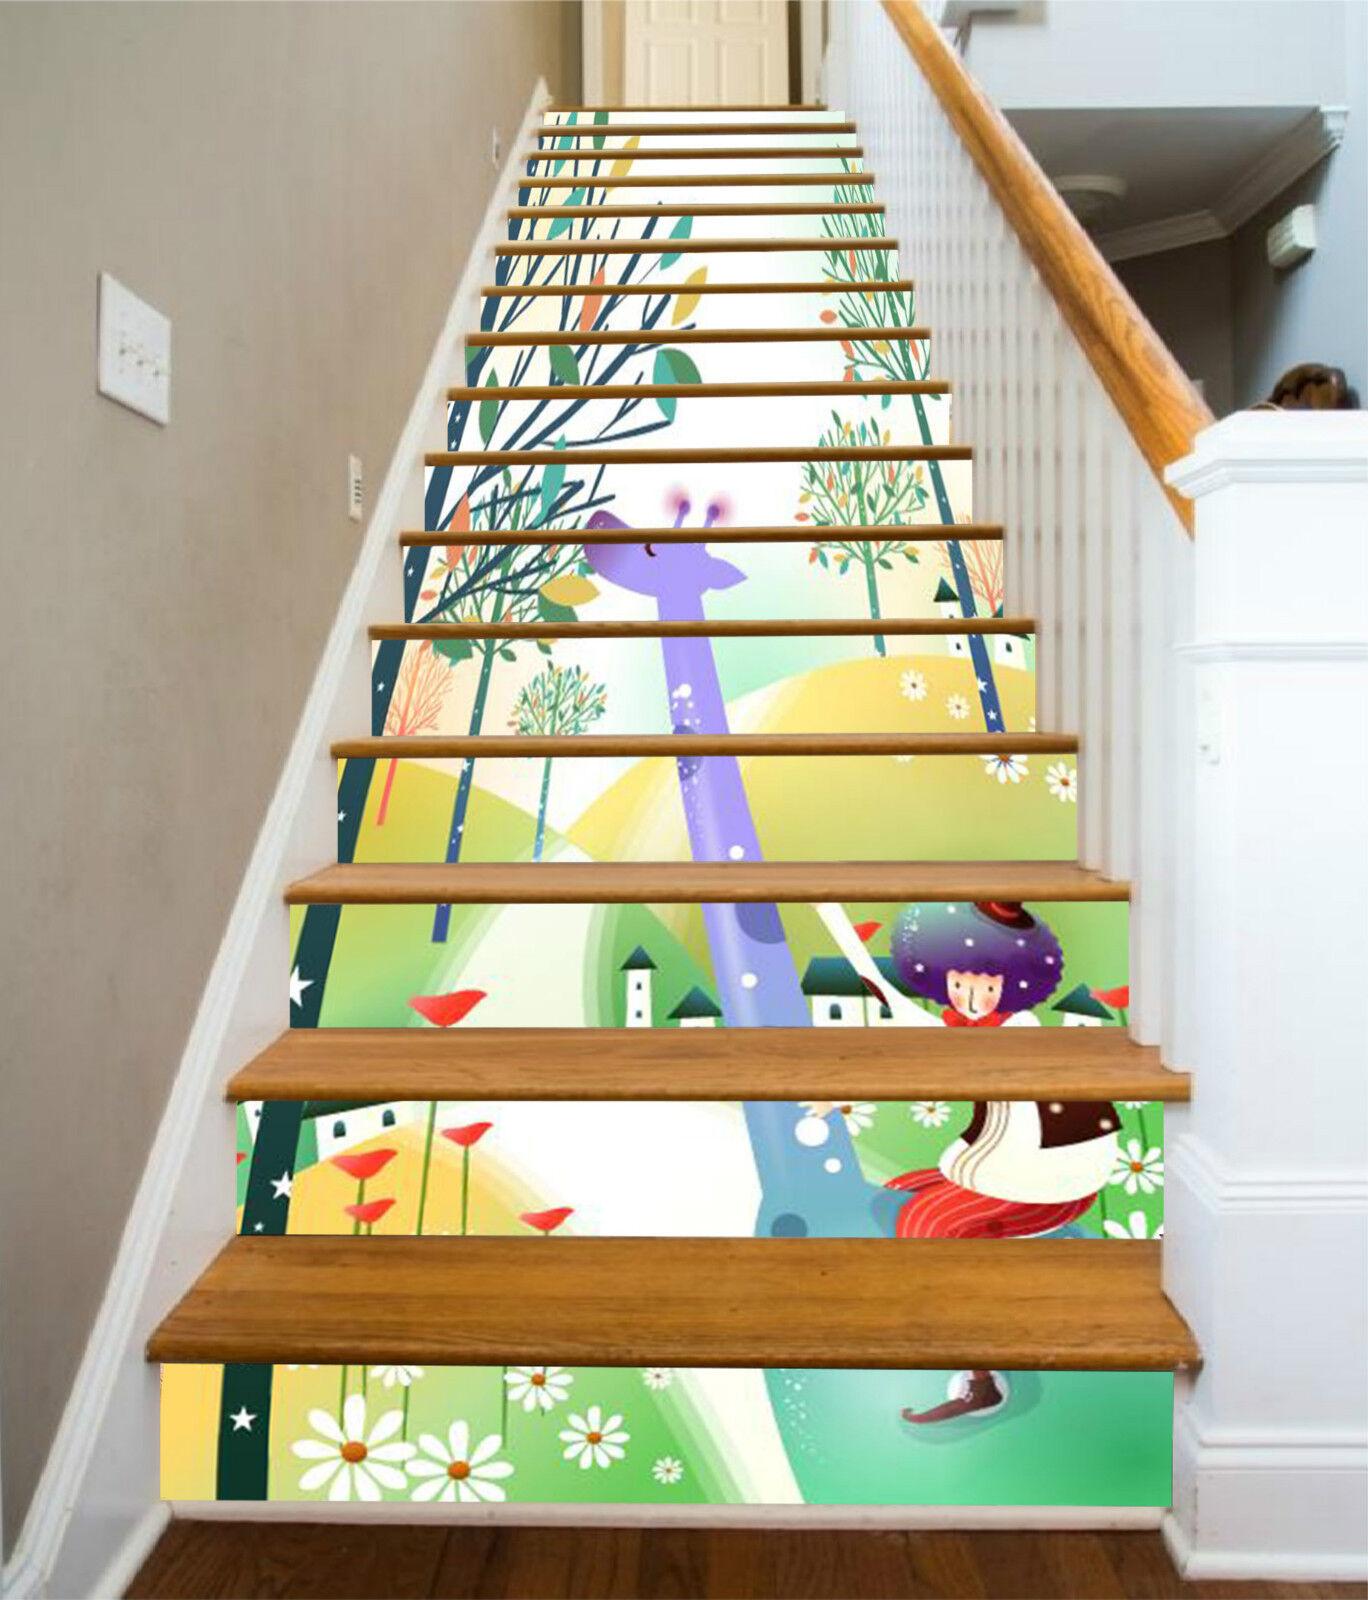 3d jolie Girafe 17 Stair Risers Décoration Papier Peint Vinyle Autocollant Papier Peint De